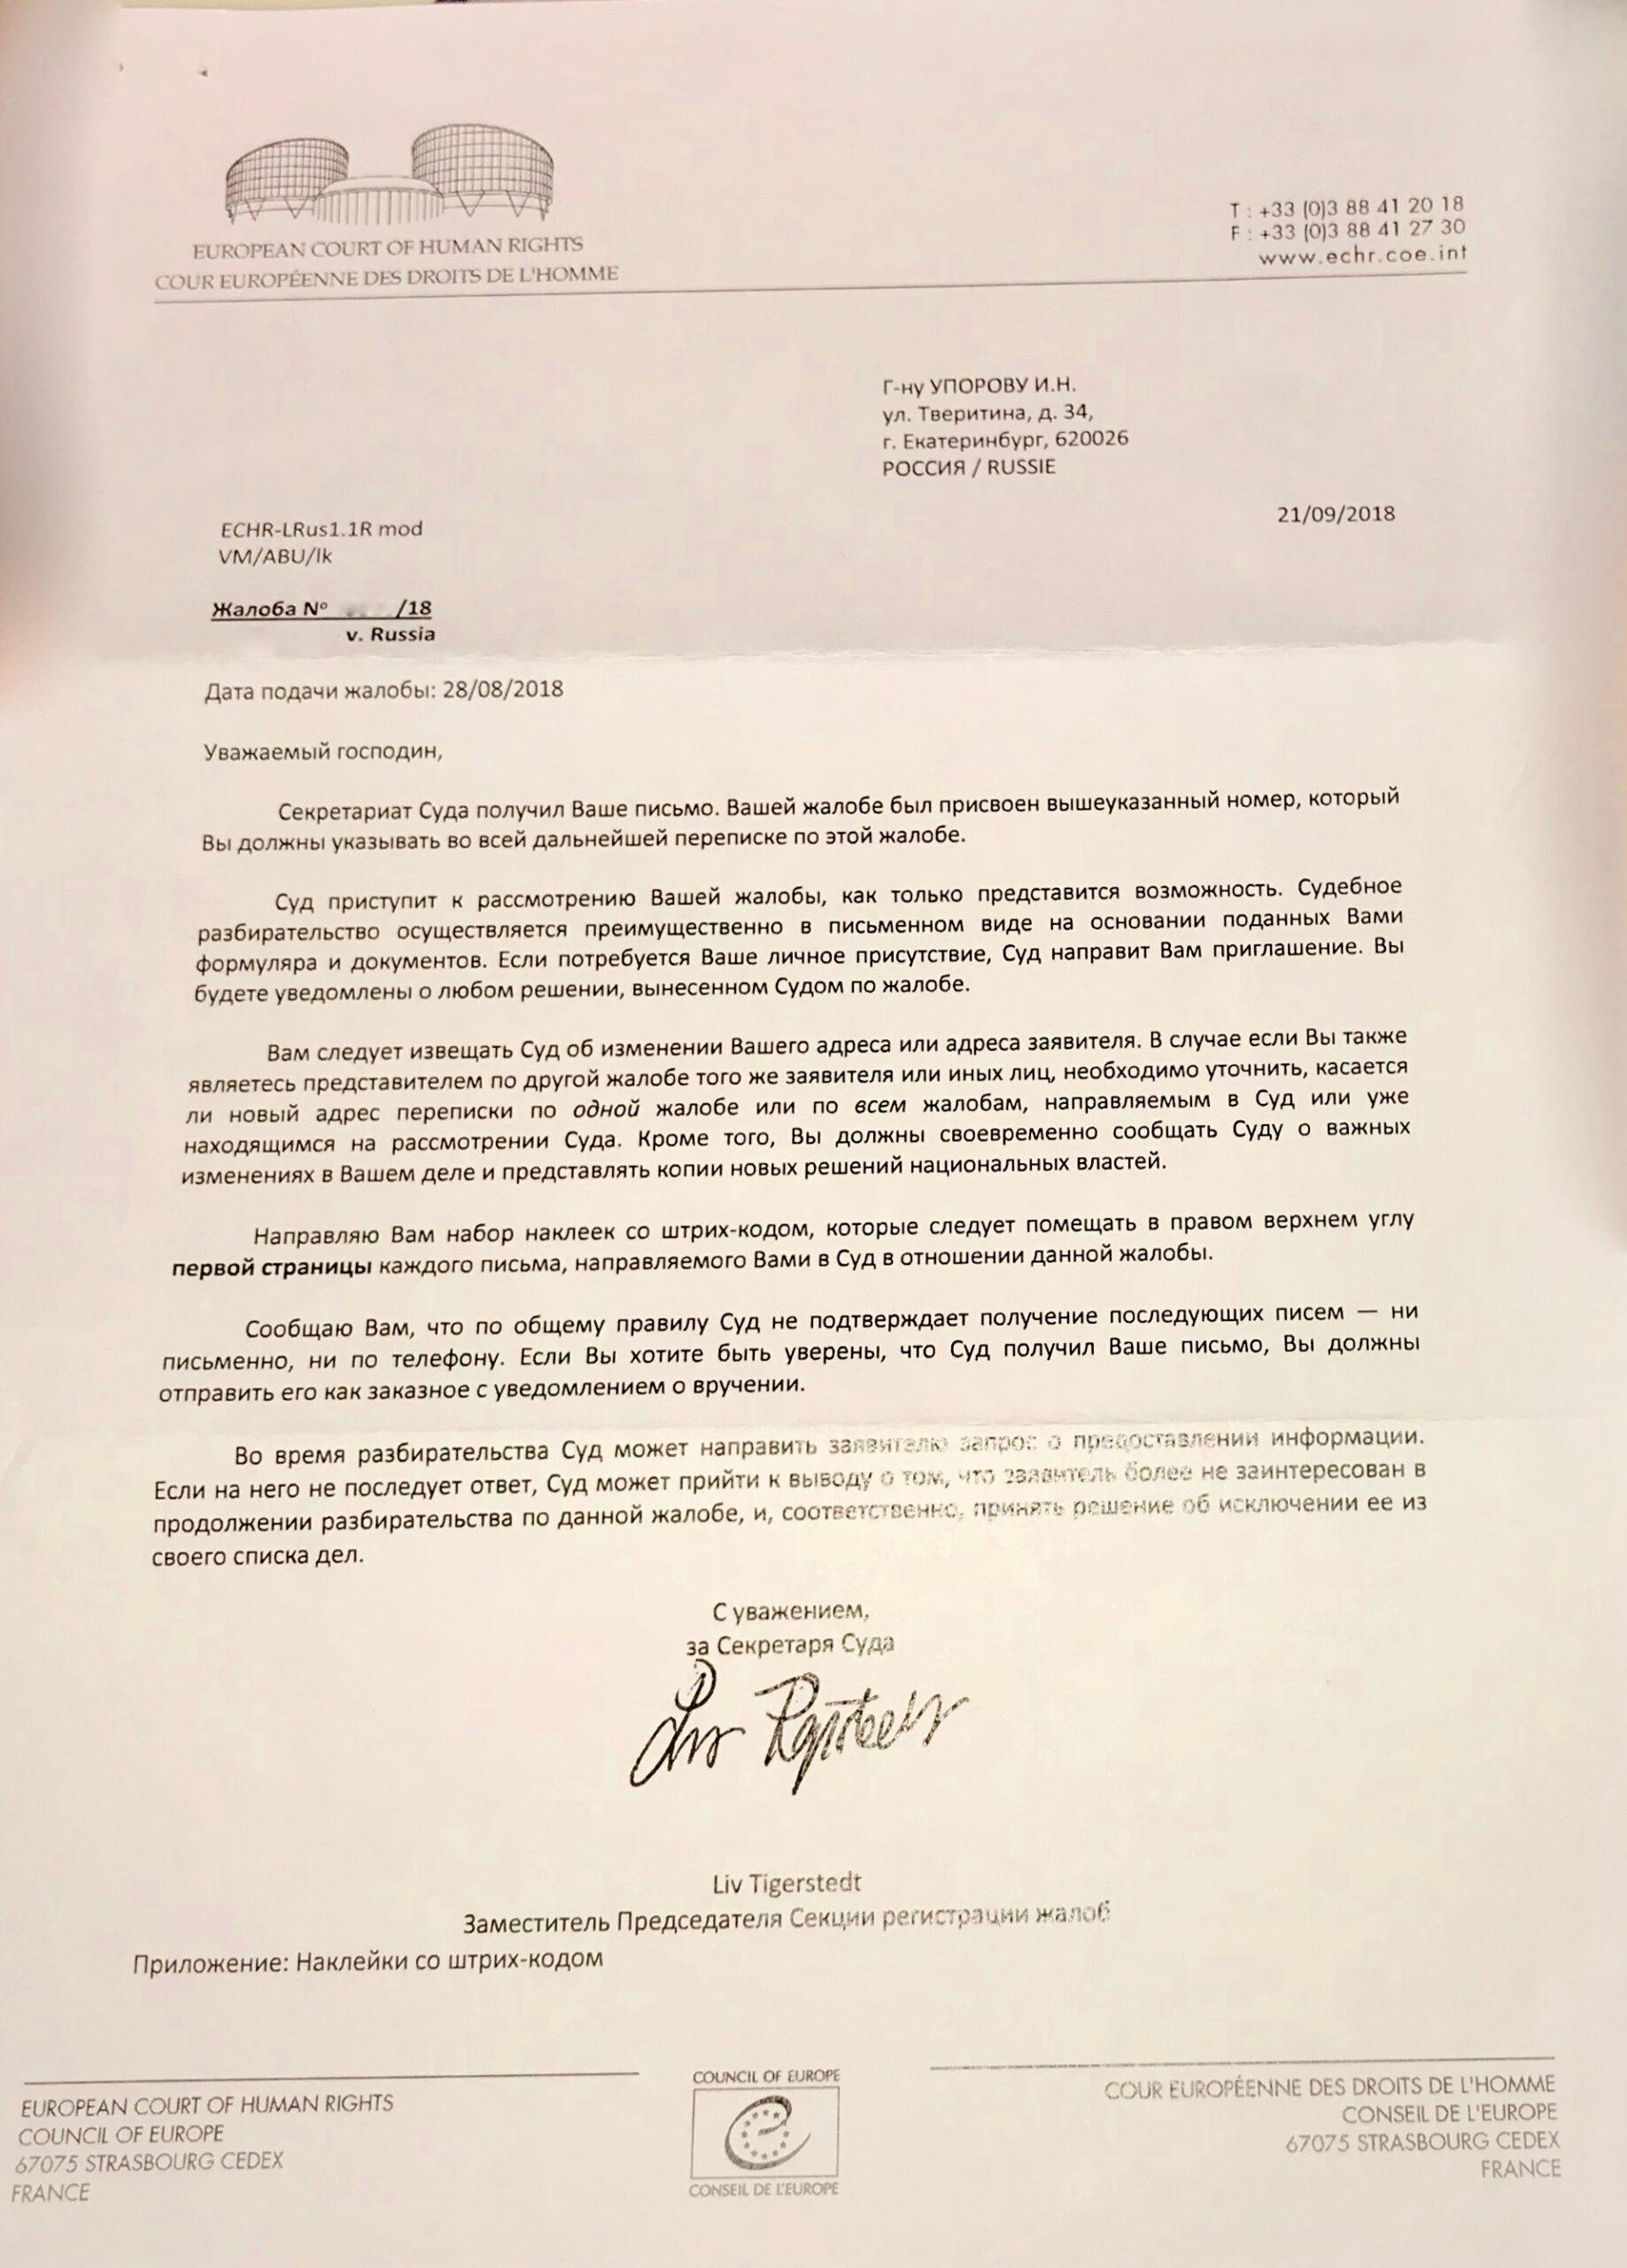 ЕСПЧ, принял жалобу адвоката Упорова И.Н. в защиту незаконного продления содержания под стражей моего подзащитного.